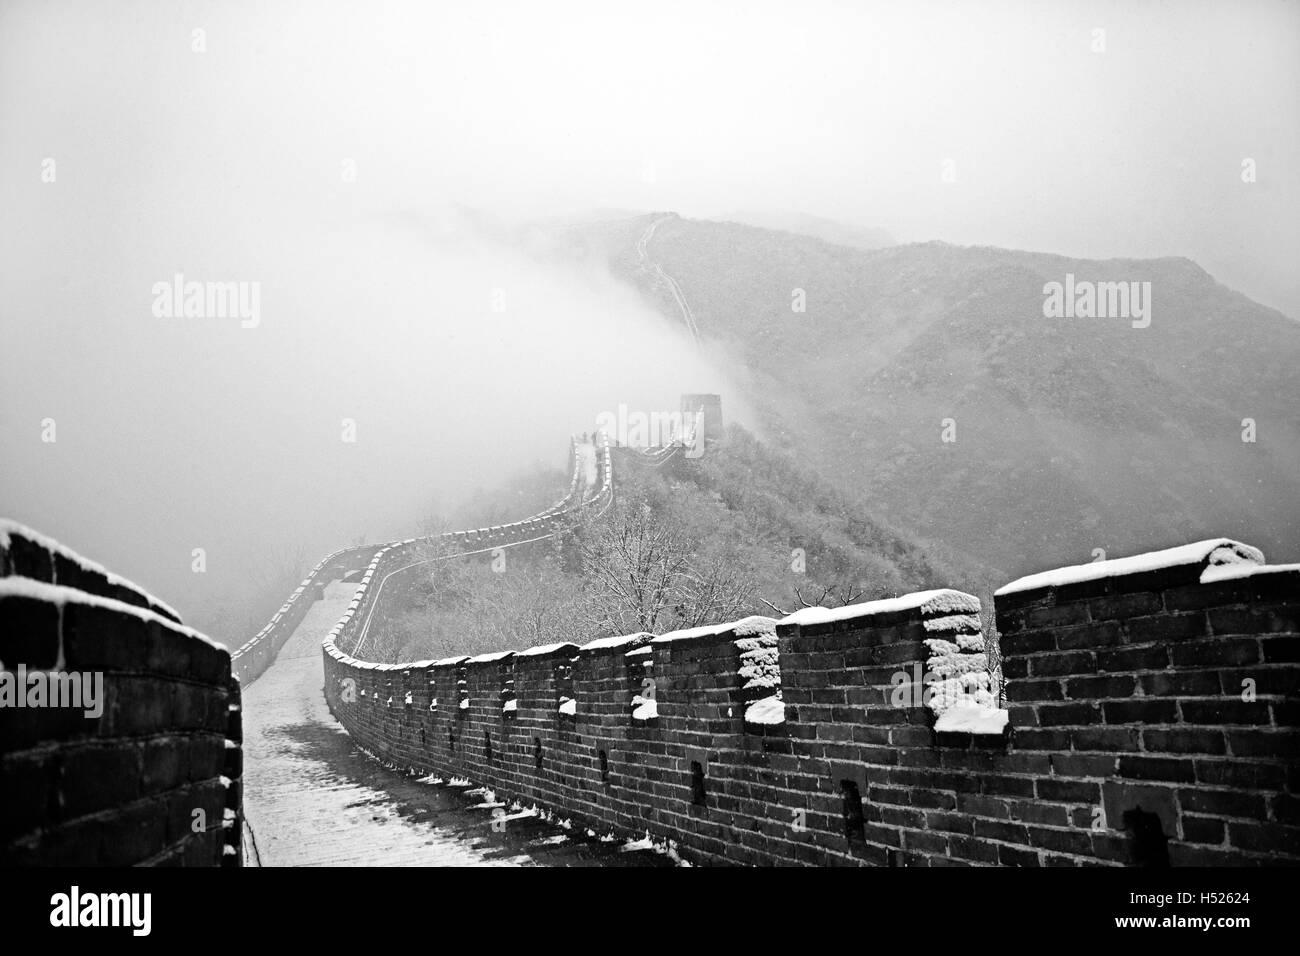 Bestandteil der Mutianyu Abschnitt der Great Wall Of China unter dem Schnee im Winter bei Mutianyu nahe Beijing Stockfoto